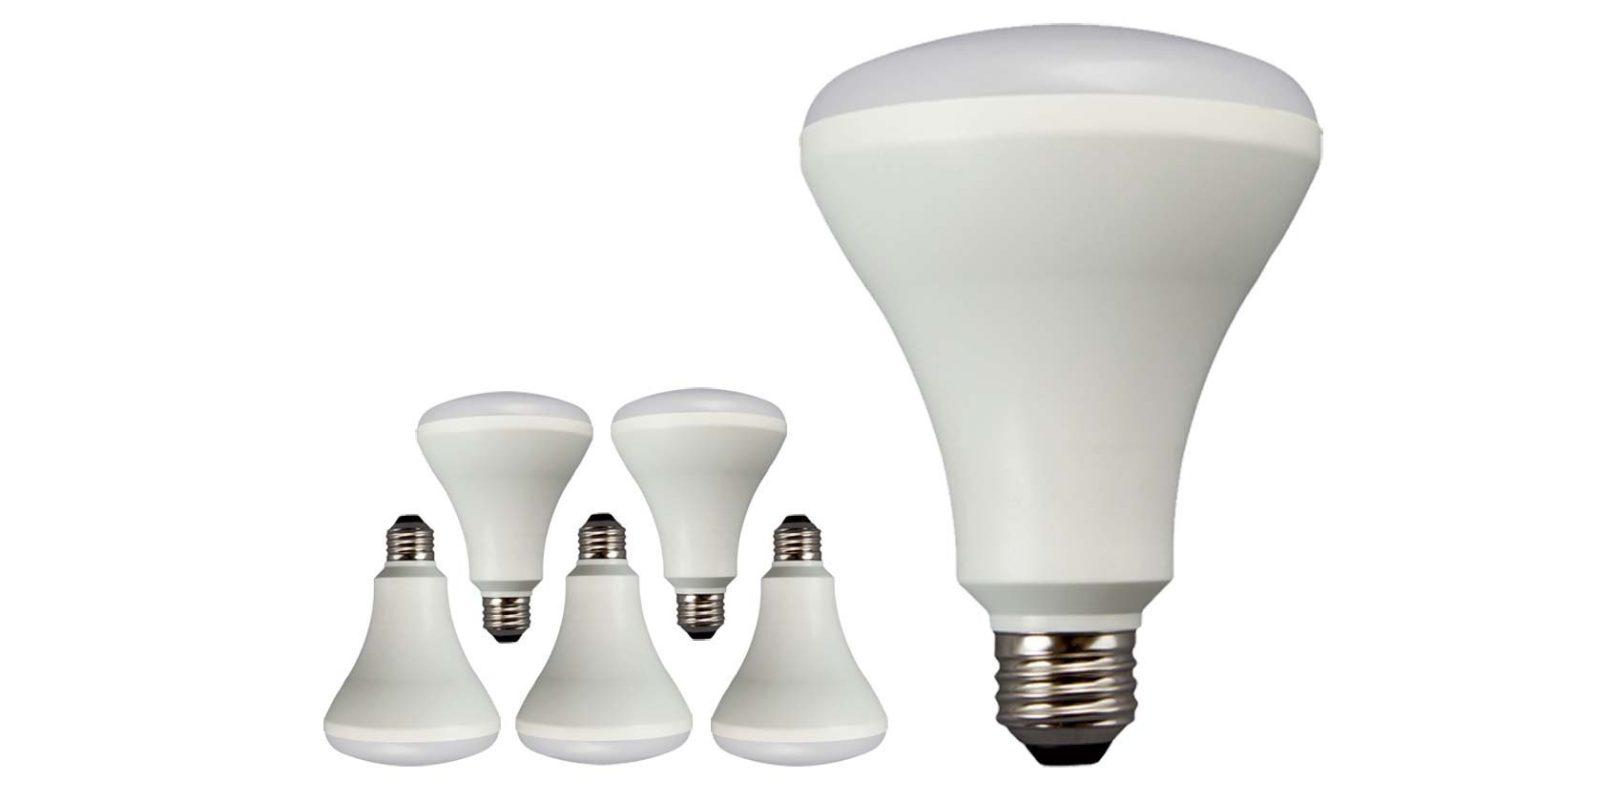 Best Led Flood Light Bulbs